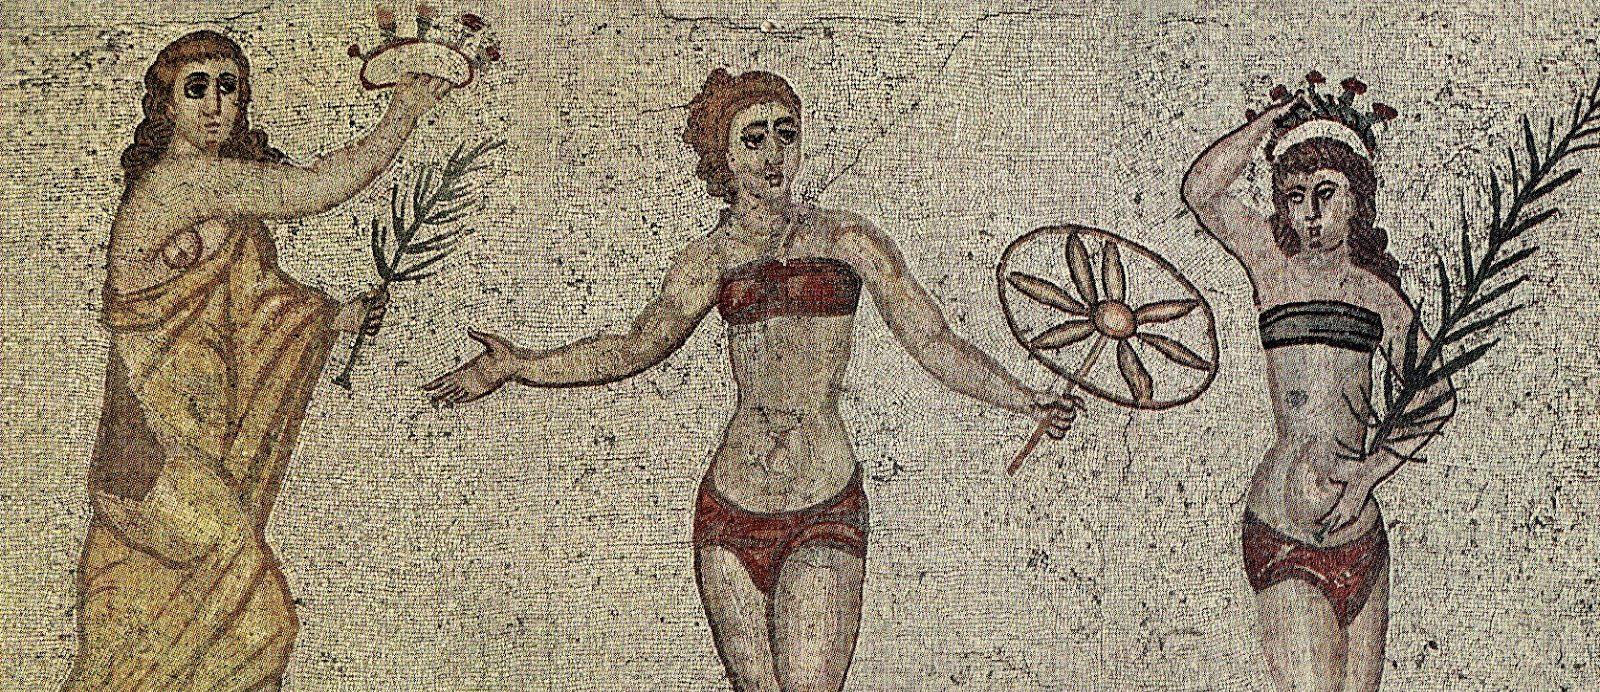 Como eram as roupas íntimas na antiguidade?